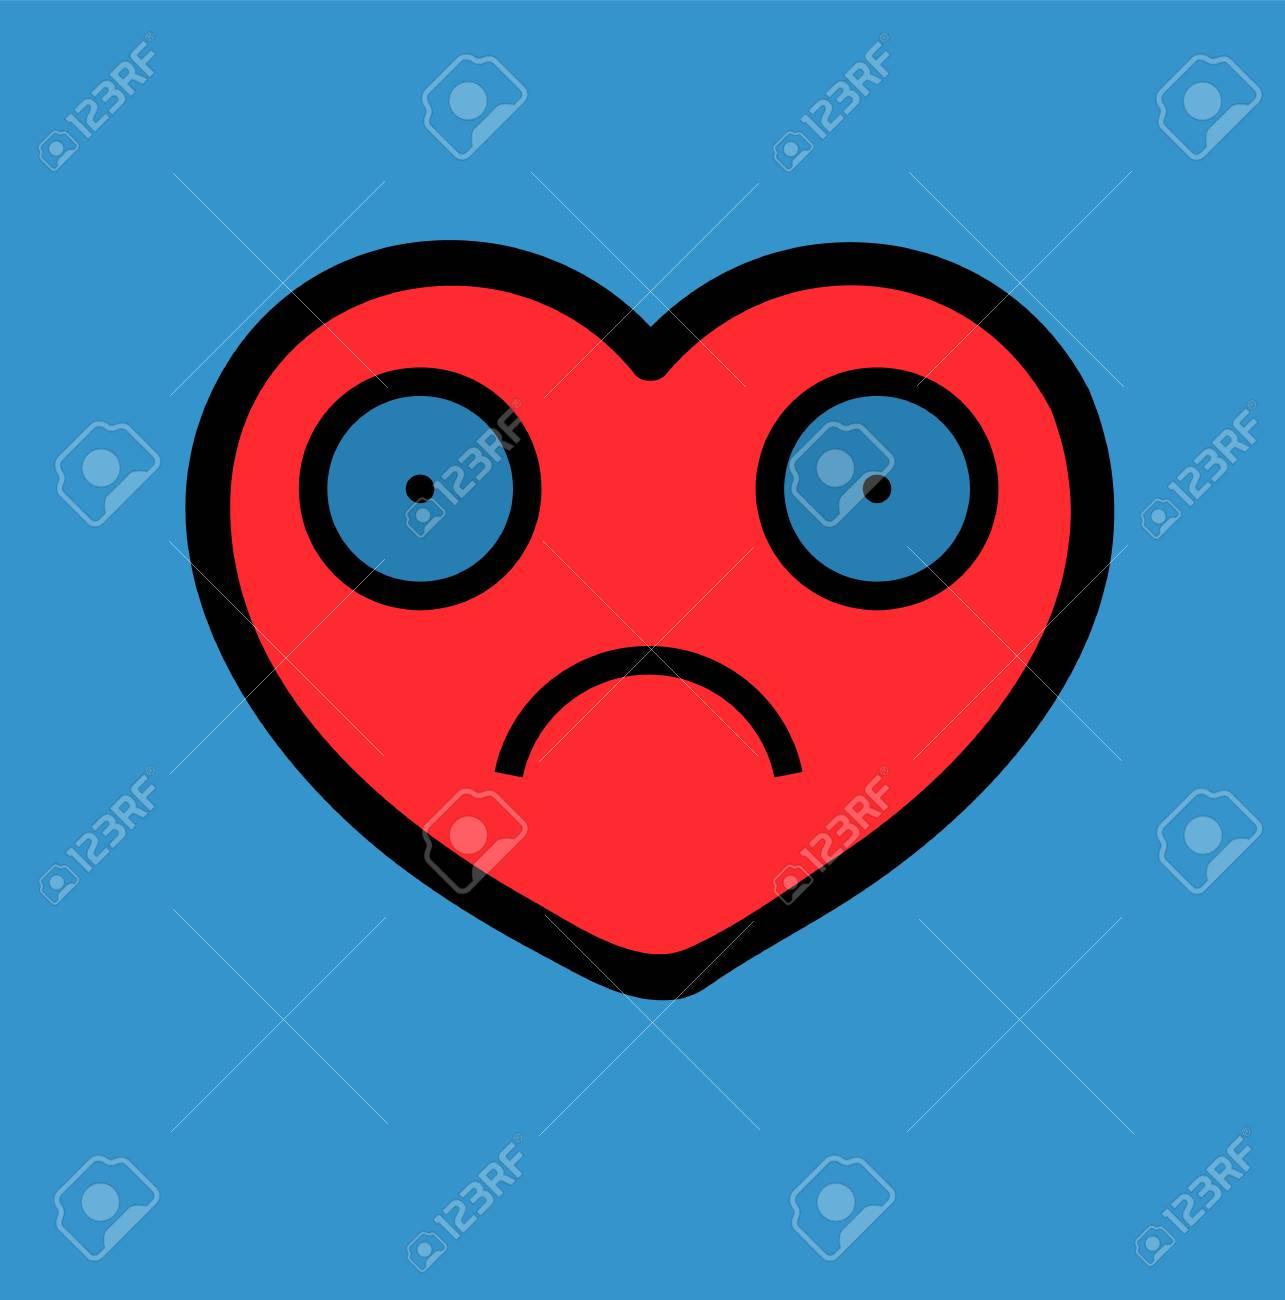 Icône De Coeur Triste Image Vectorielle Concept Damour Malheureux